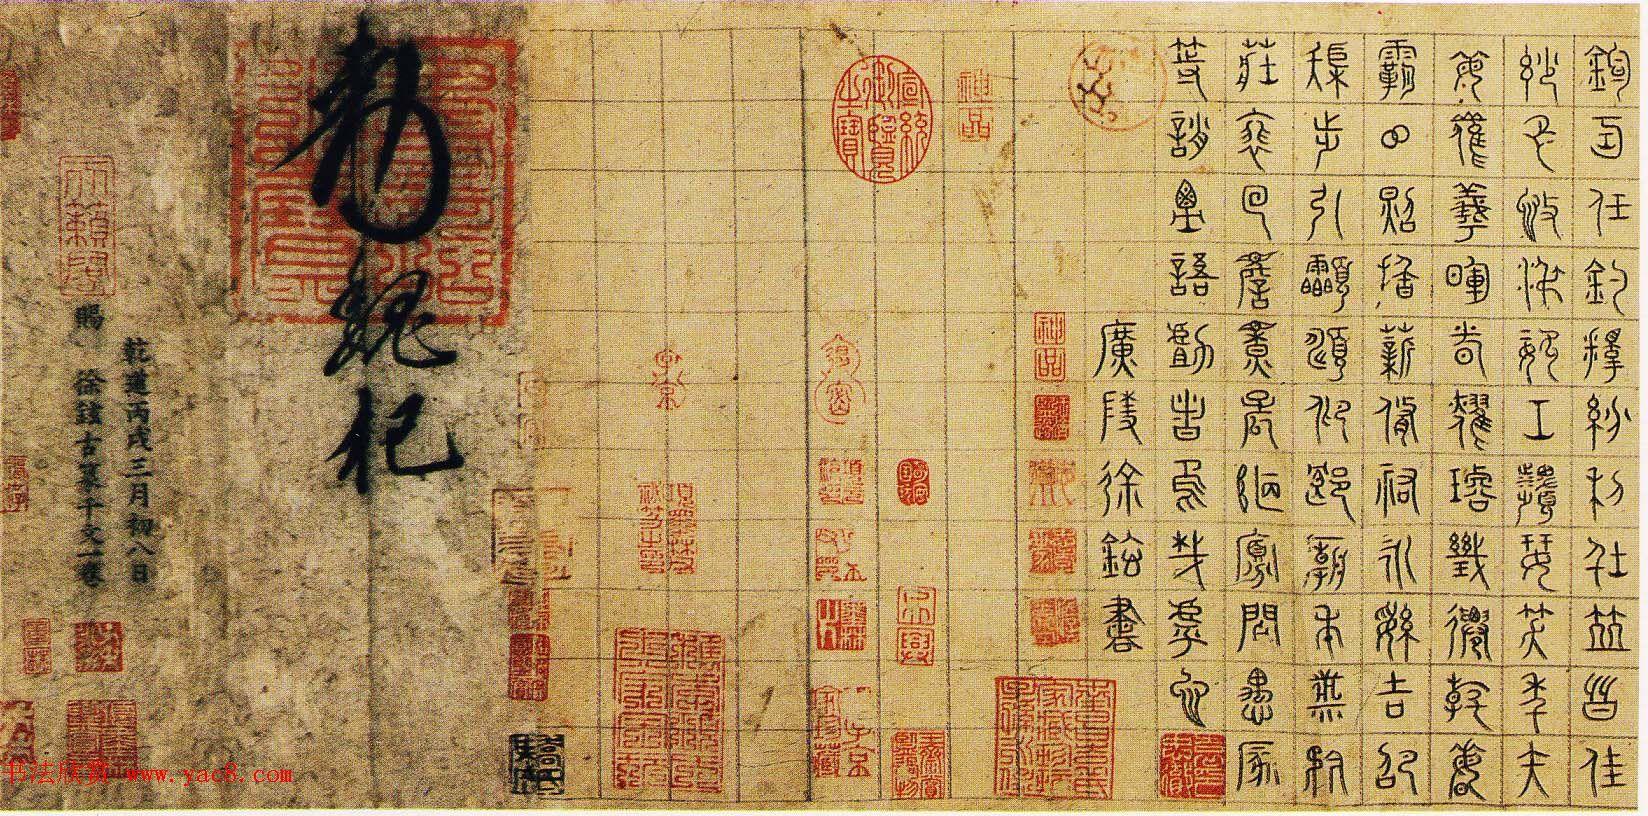 五代徐铉篆书欣赏《千字文残卷》宋摹本